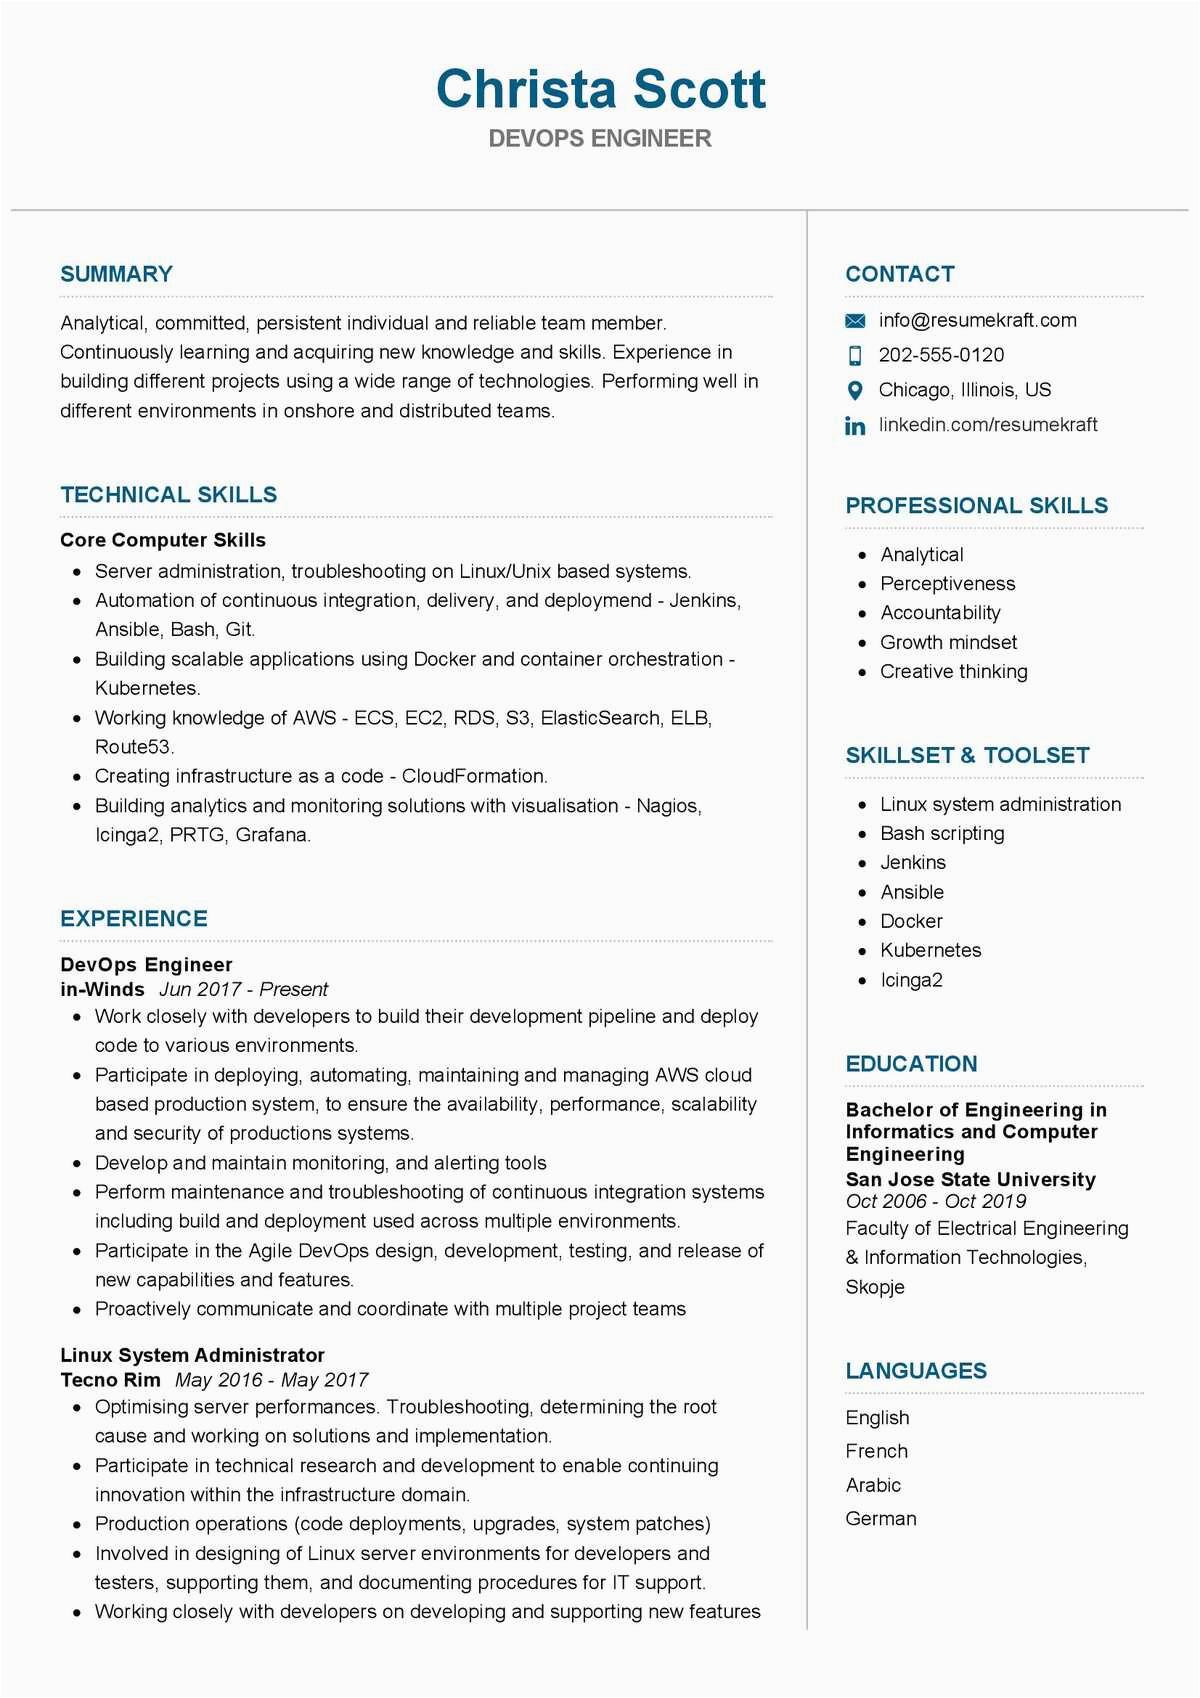 Sample Resume for Experienced Devops Engineer Devops Engineer Resume Sample 2021